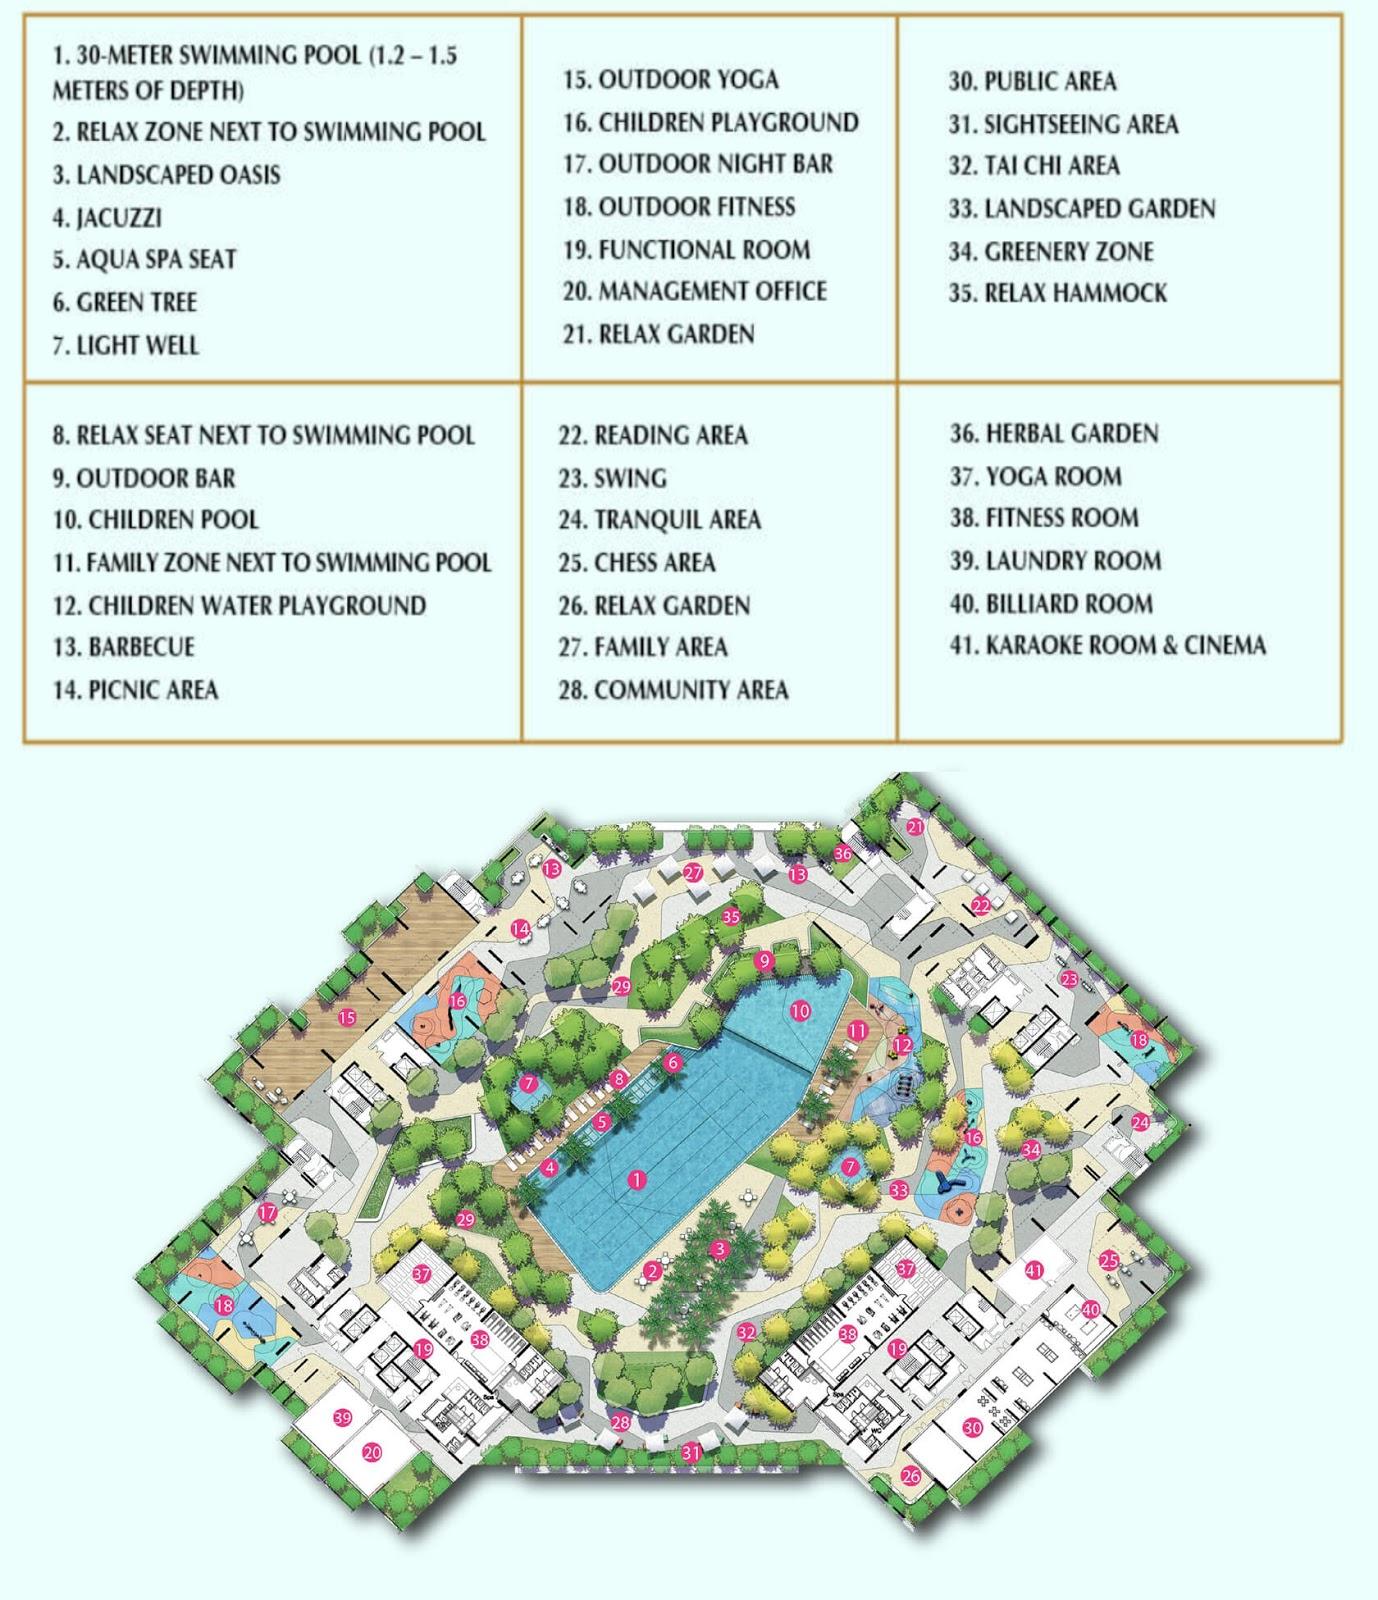 Tiện ích tại chung cư Sadora, Đại Quang Minh Quận 2